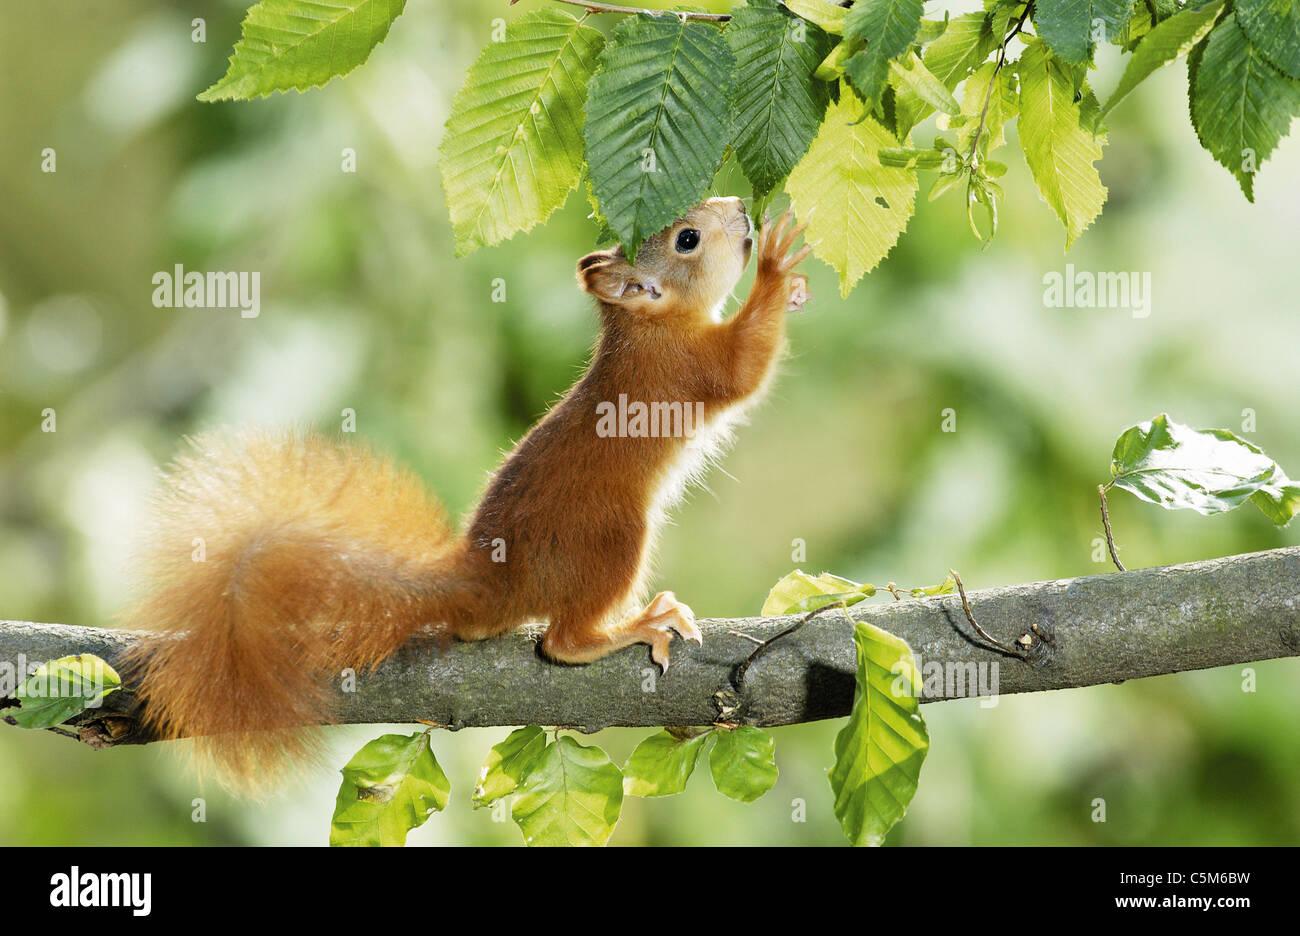 Europäische Eichhörnchen Jungtier im Baum Stockbild